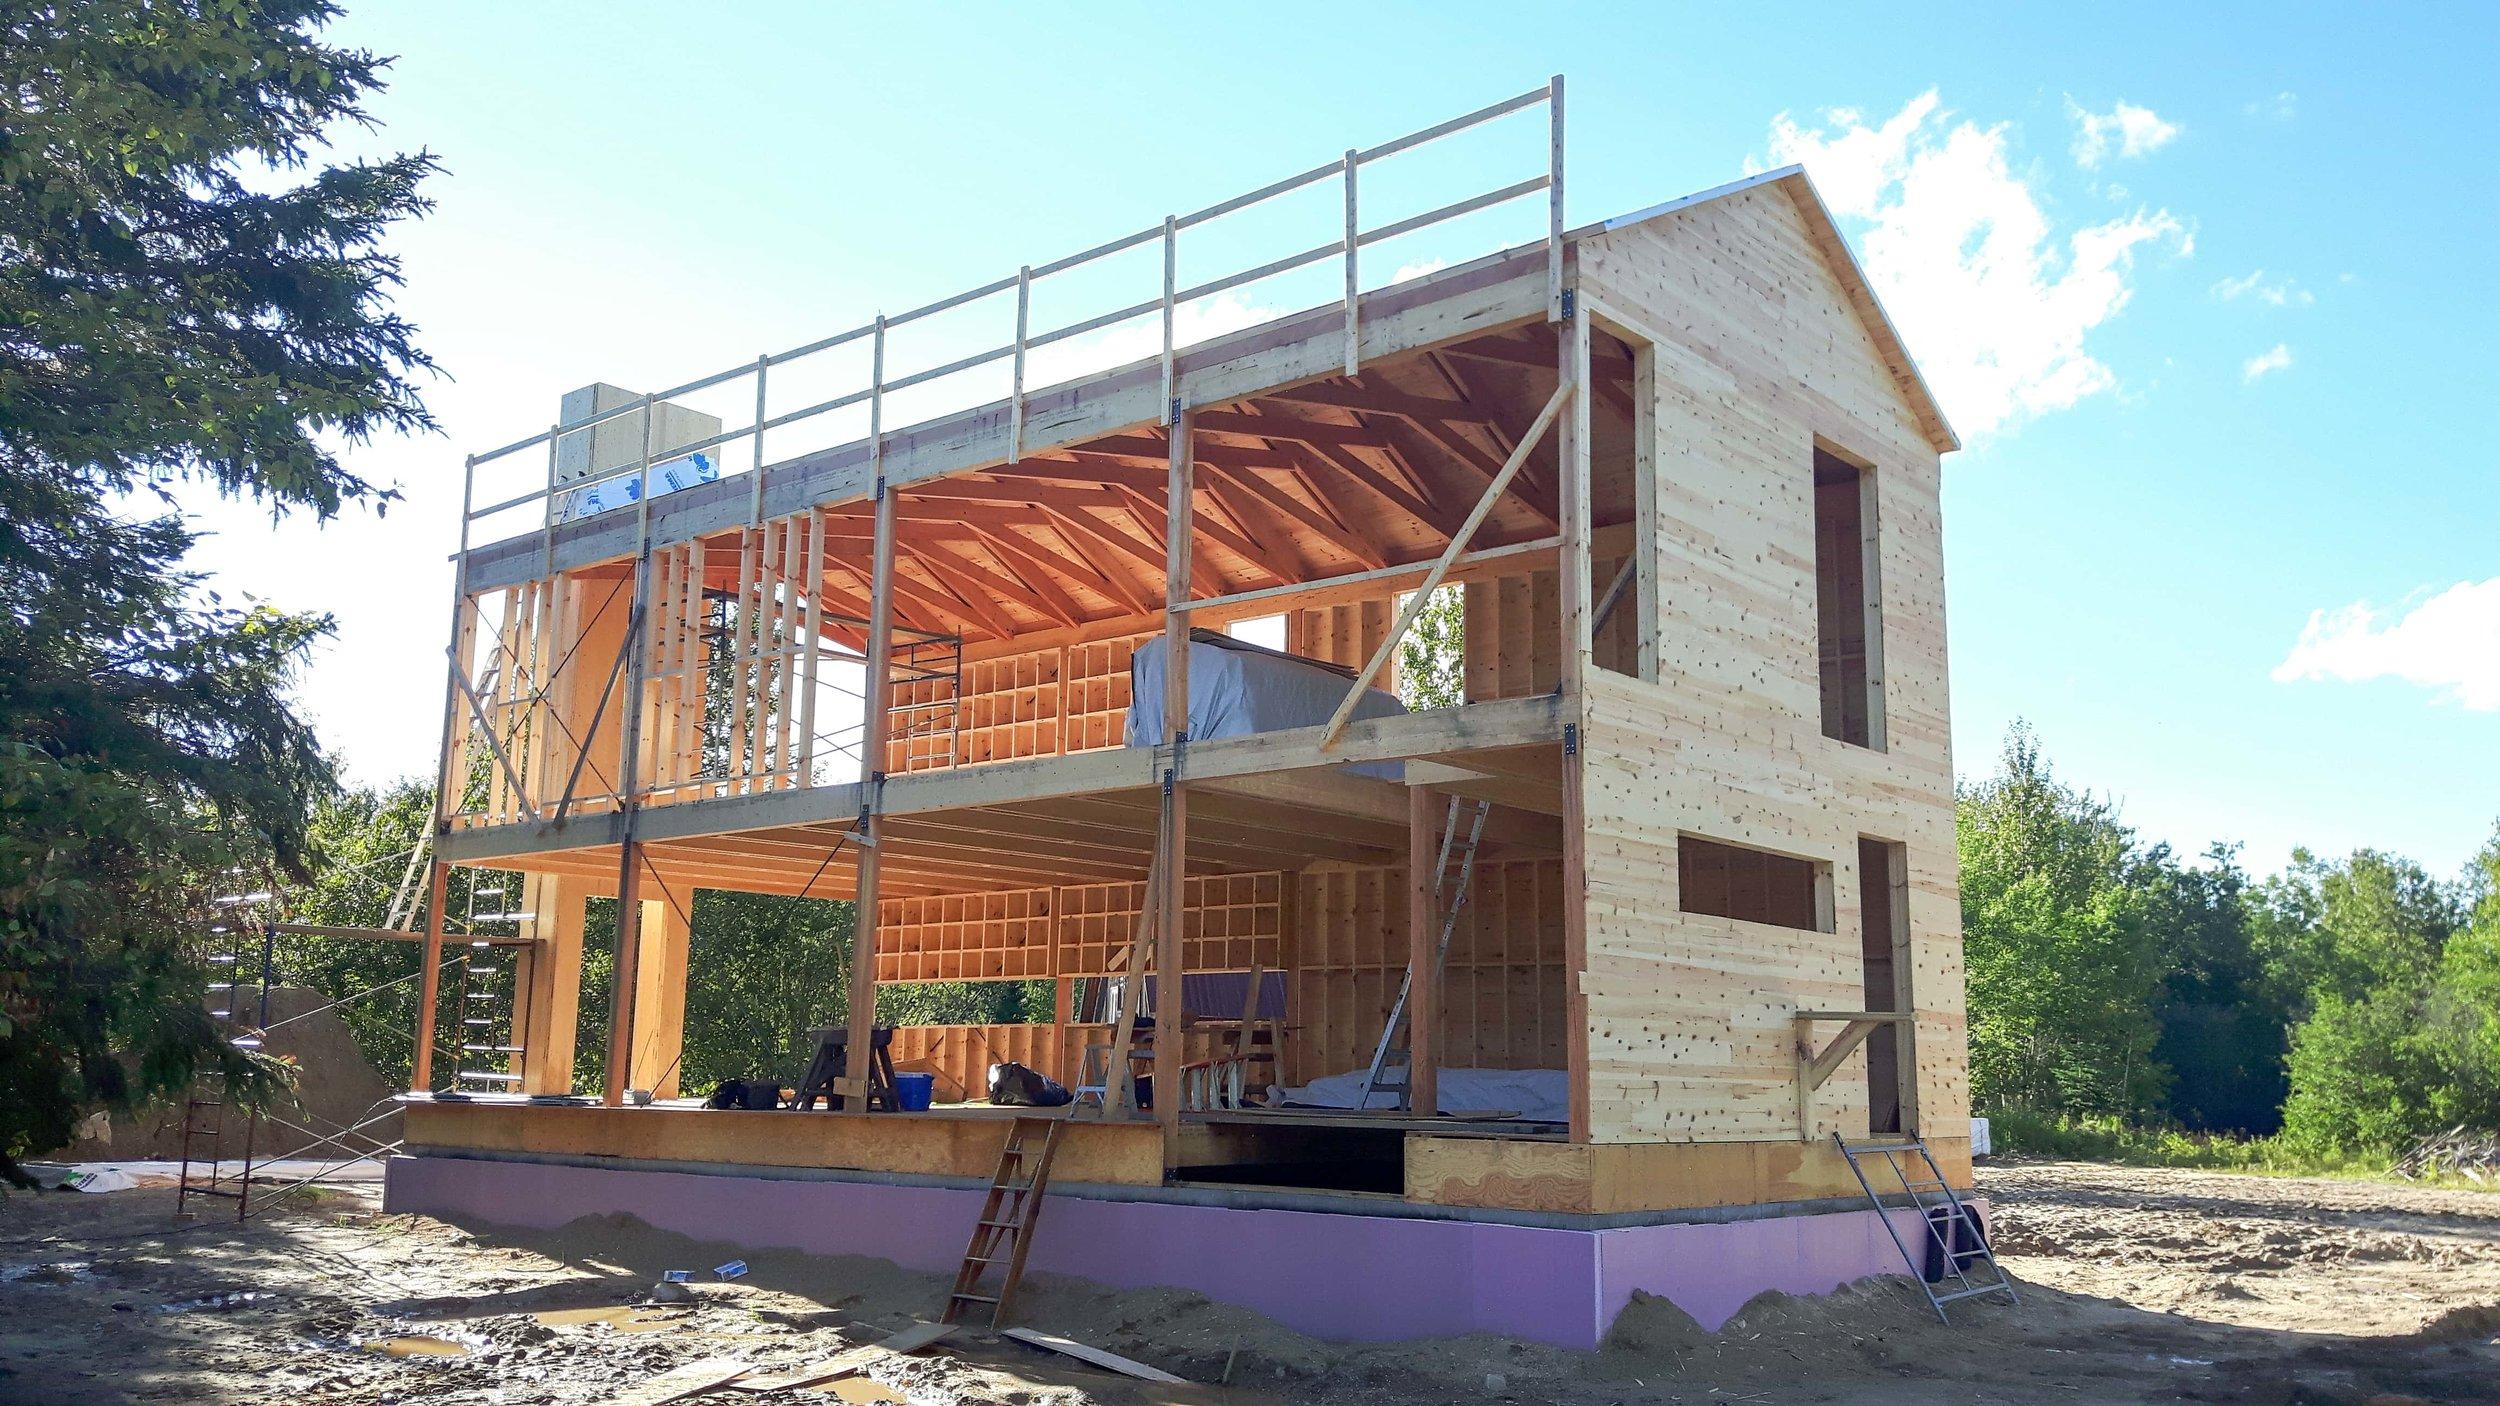 Résidentiel - Confiez nous votre projet de résidence.